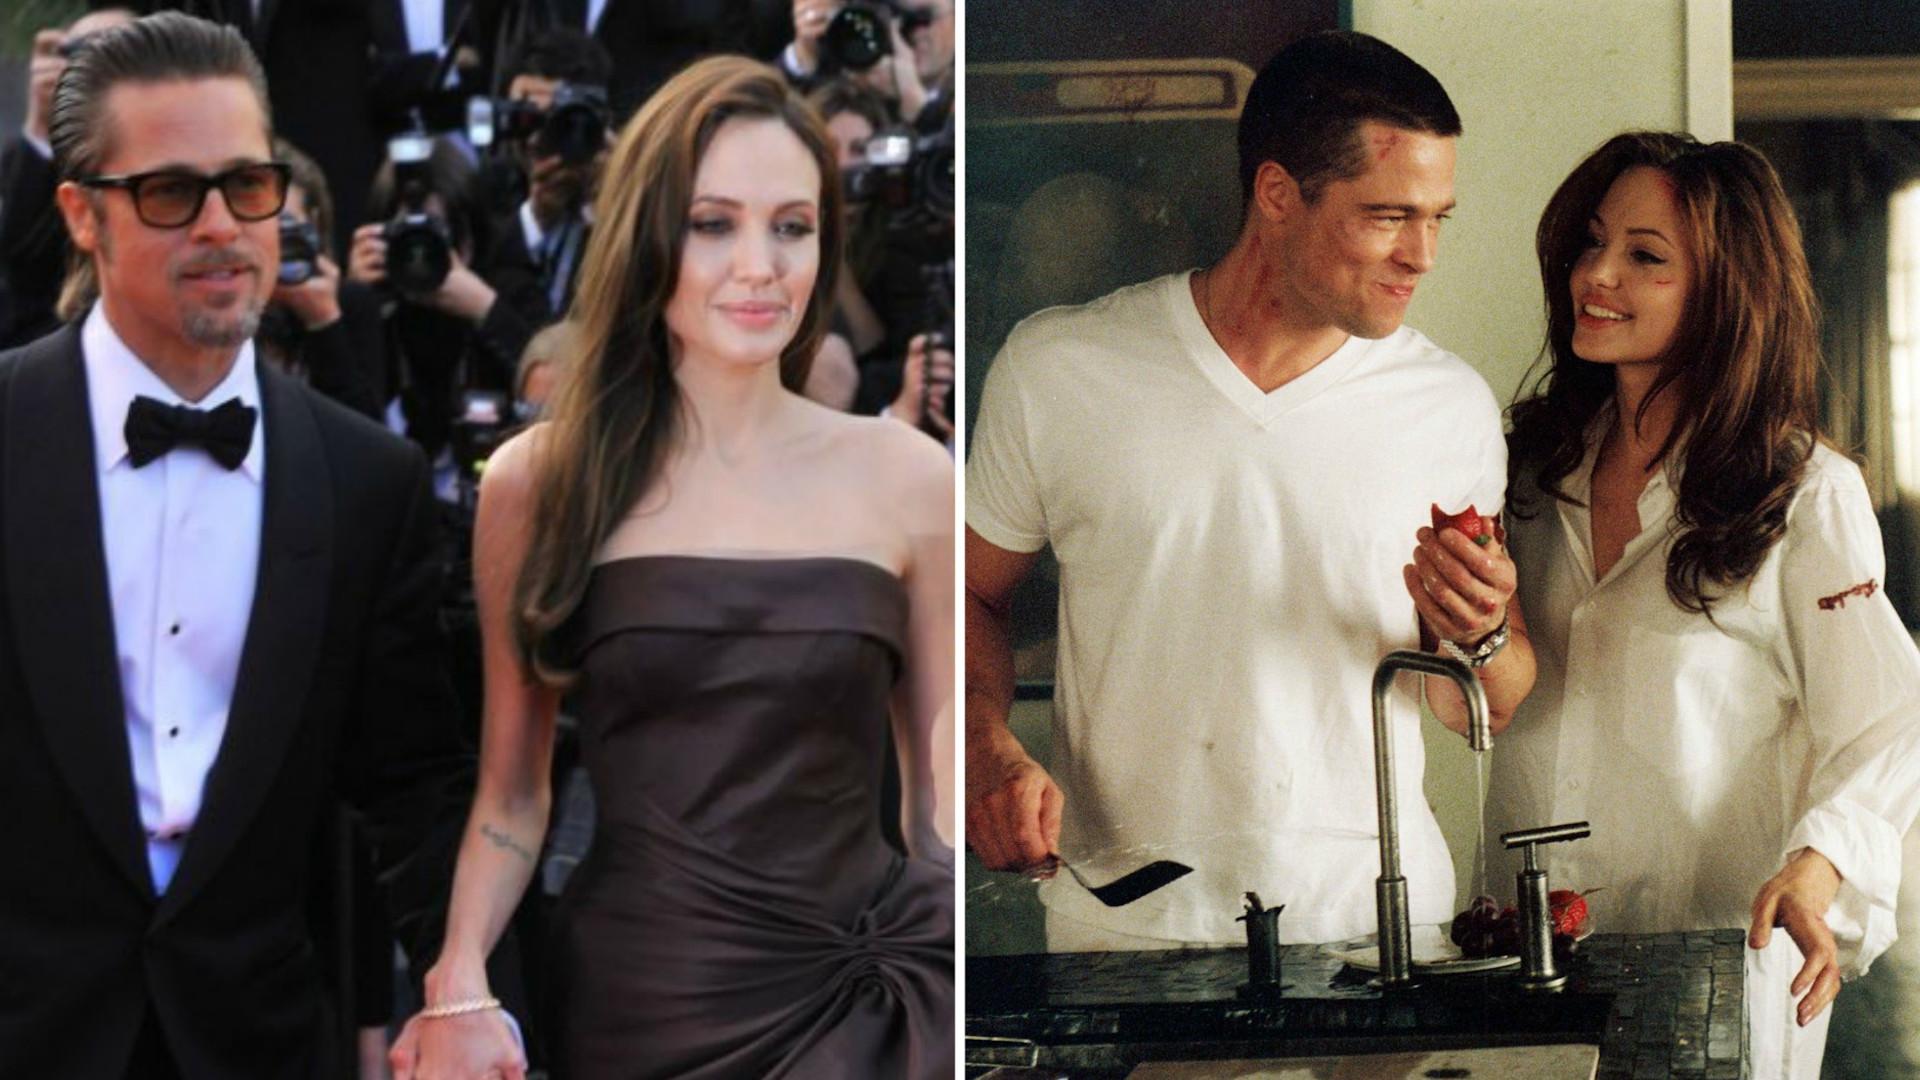 Zmiana w RELACJI Angeliny Jolie i Brada Pitta. Zaczęli się dogadywać?